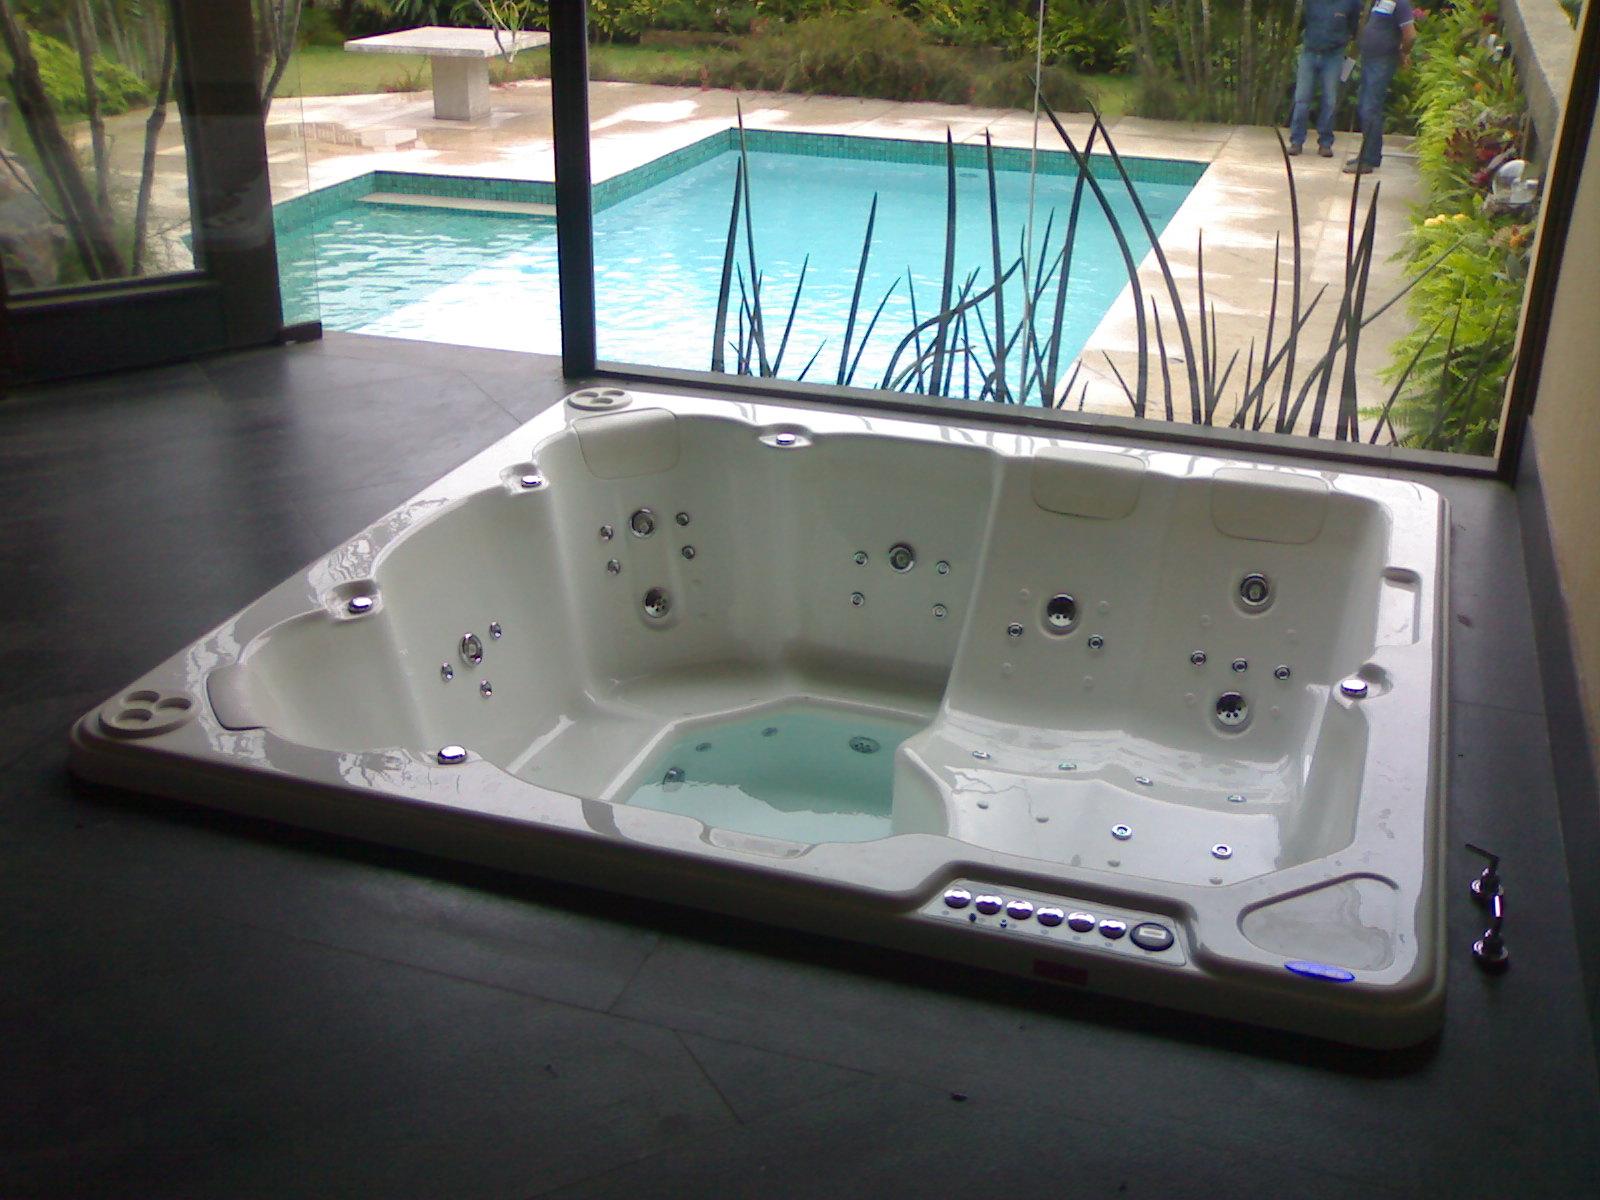 Abaixo imagens da Banheira Spa Playazo do catálogo do fabricante  #388993 1600x1200 Banheiro Com Banheira Projeto